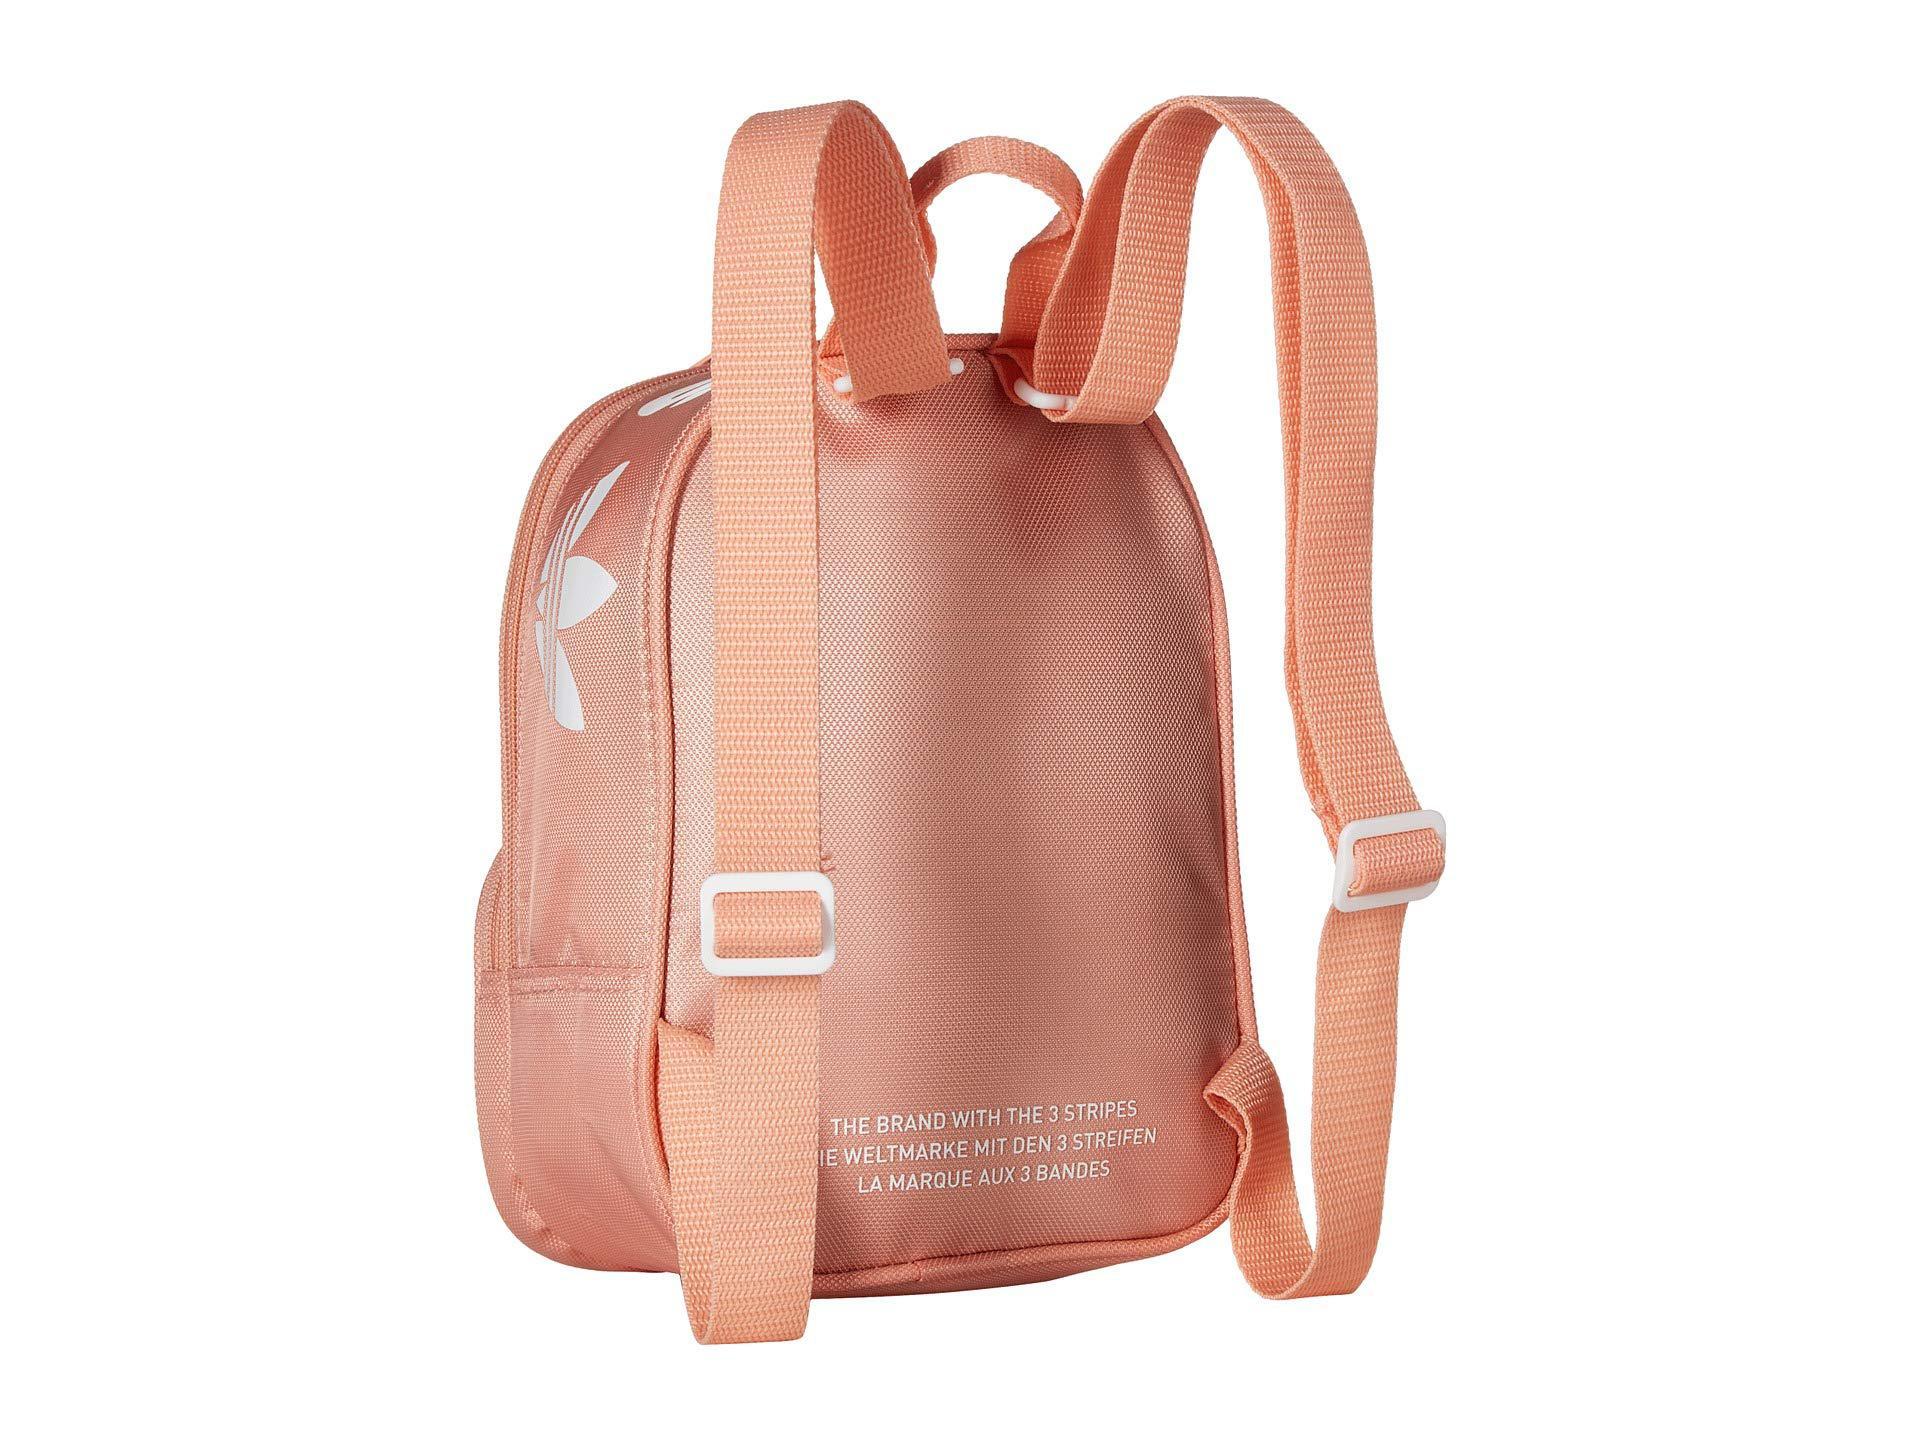 Lyst - adidas Originals Originals Santiago Mini Backpack (dust Pink ... 1cd72634cde9c